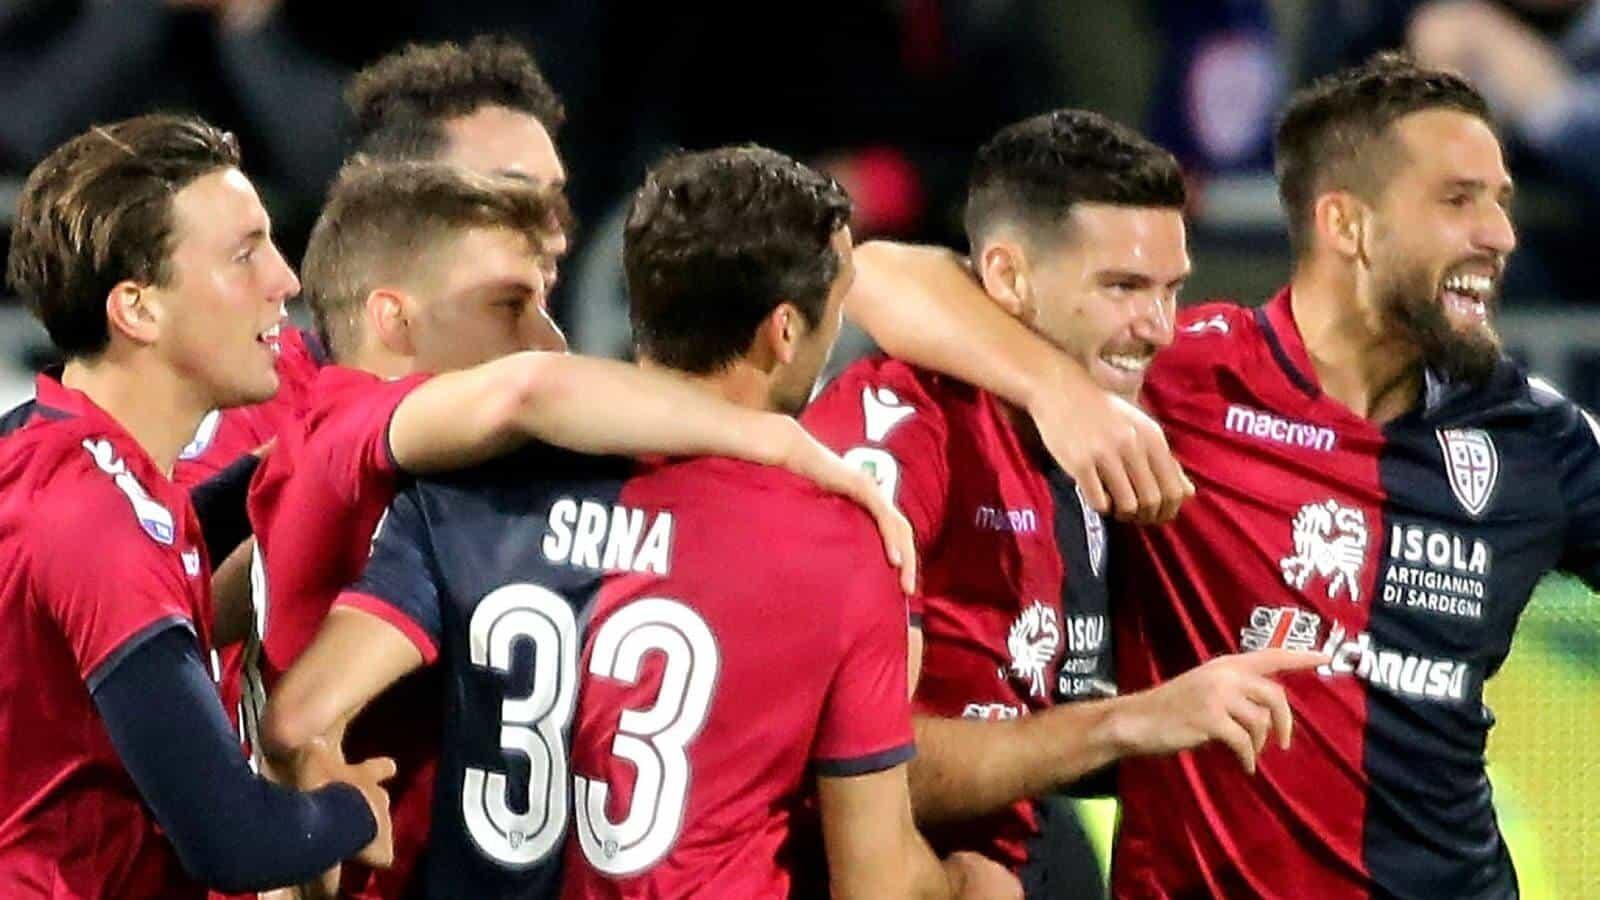 CAGLIARI fc soccer team 2019